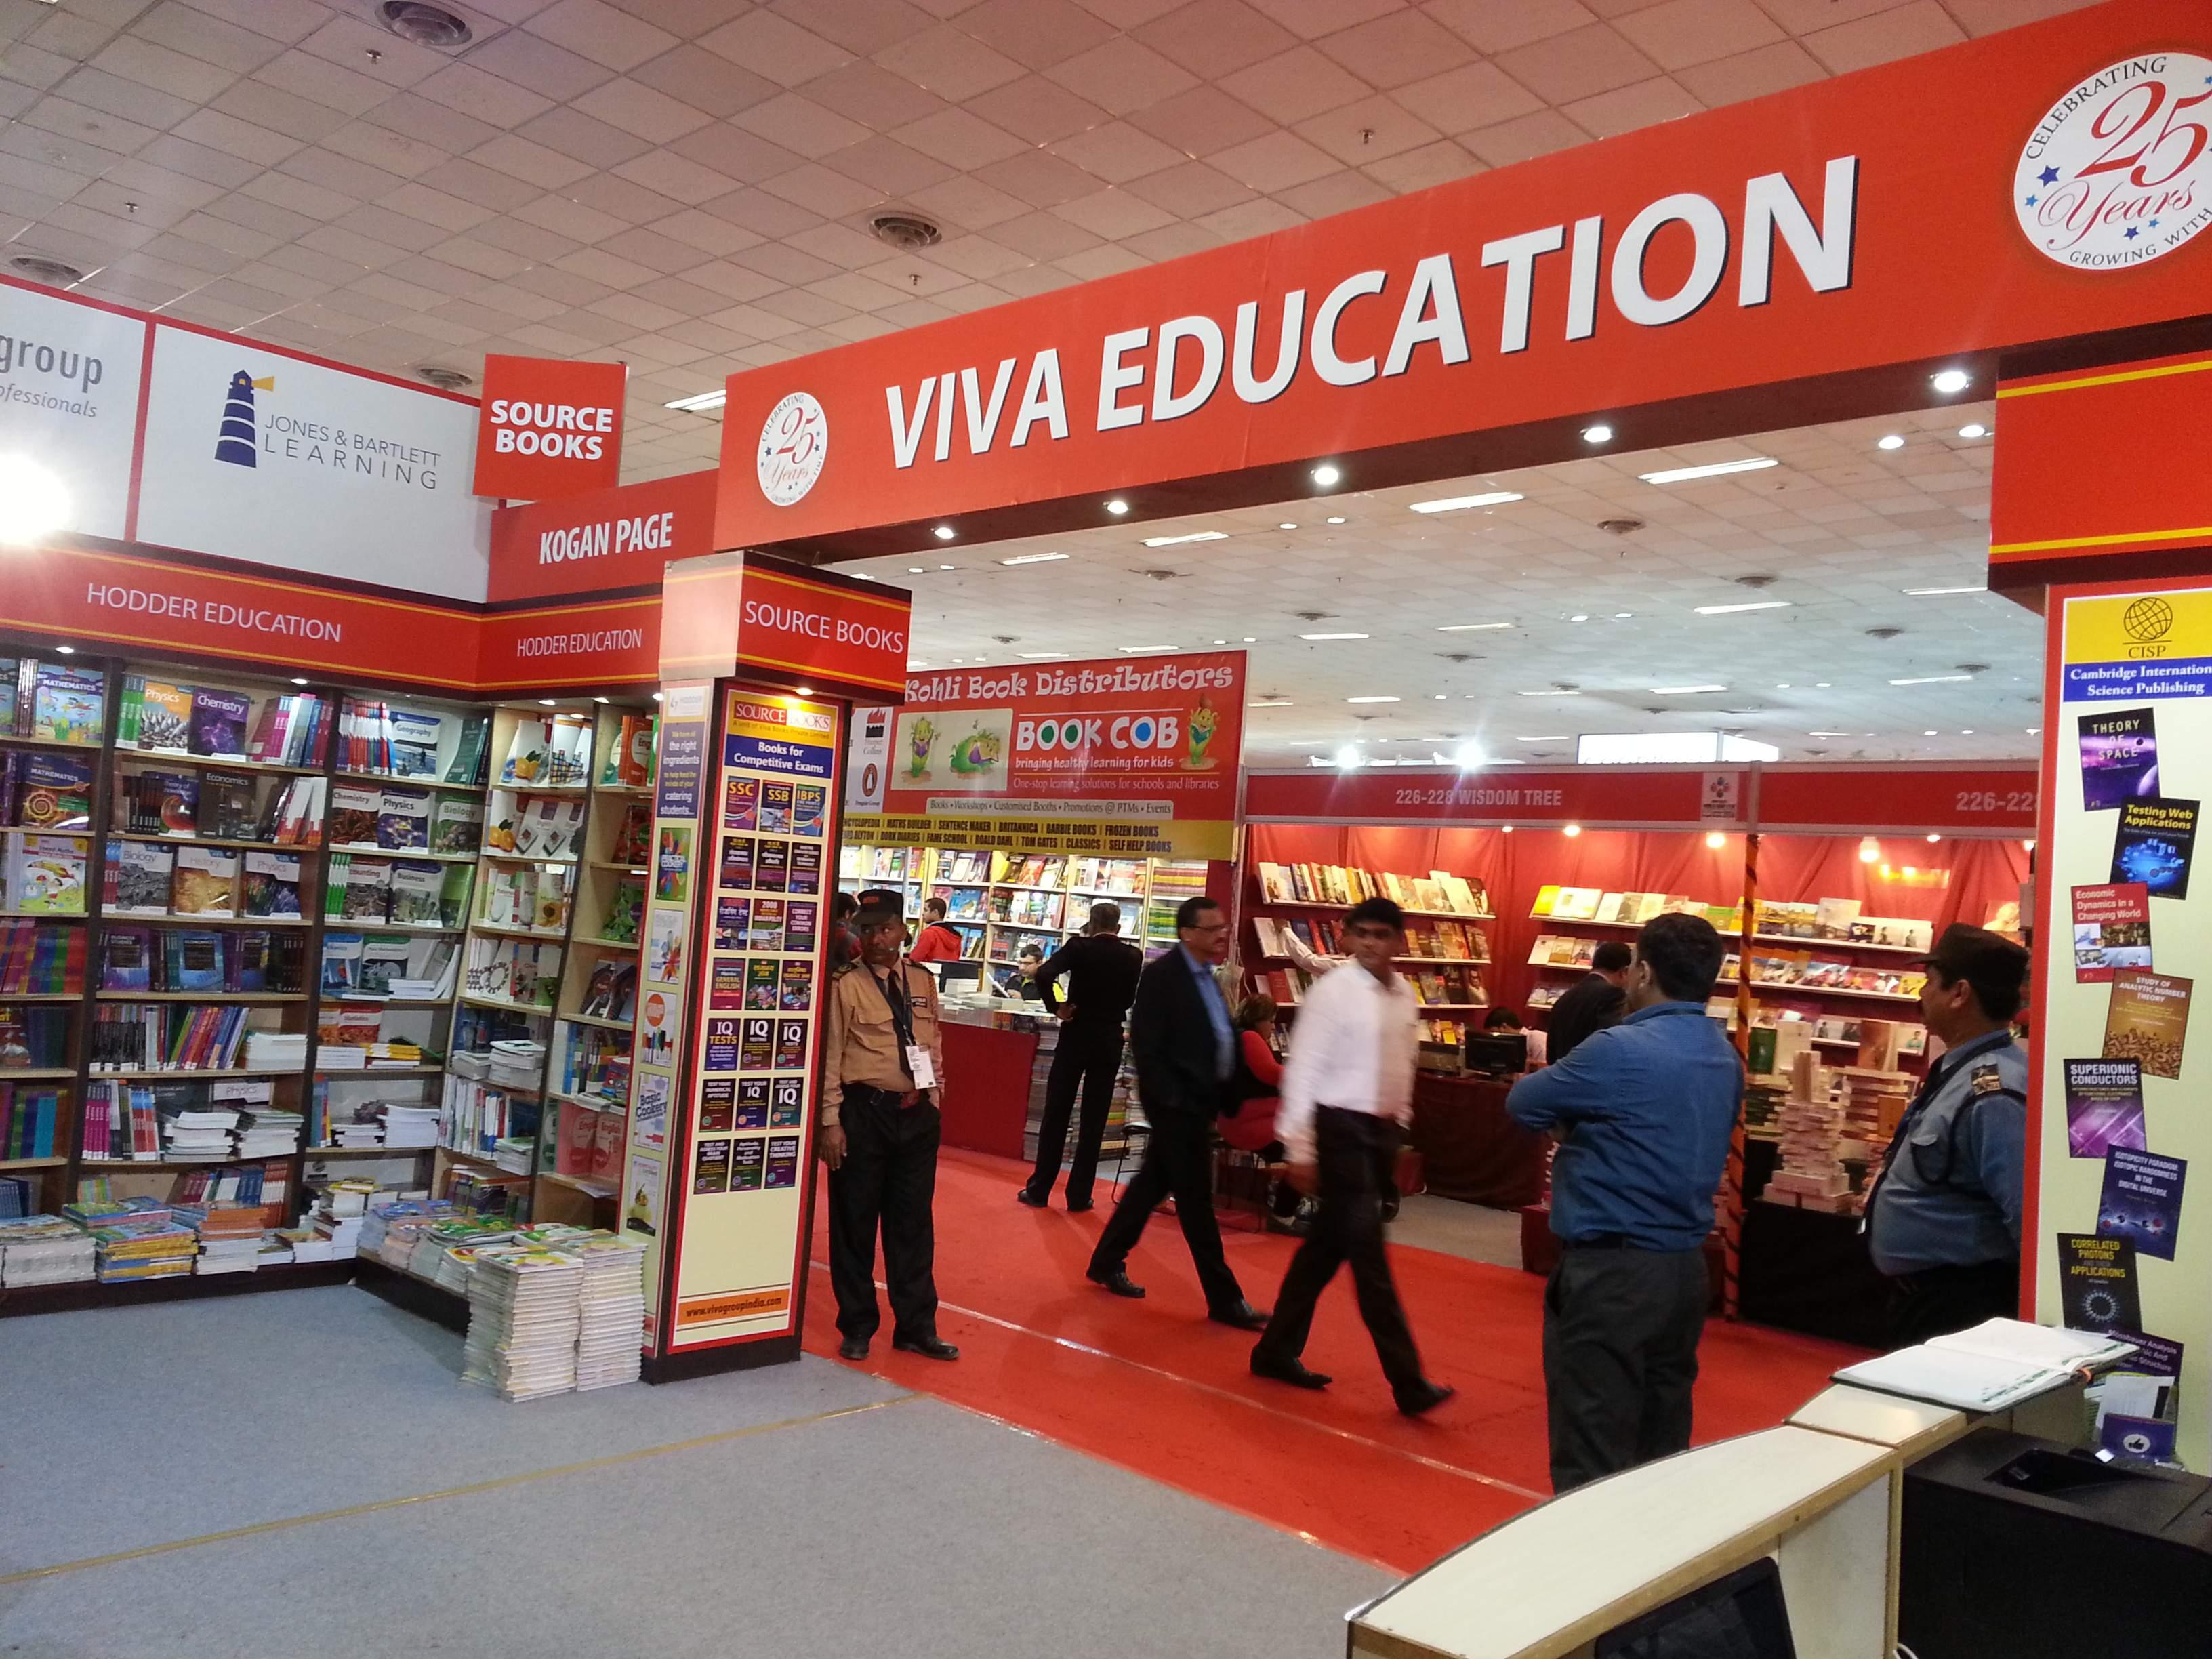 NEW DELHI WORLD BOOK FAIR 2016 ( 9TH JAN 2016 TO 17TH JAN 2016 )